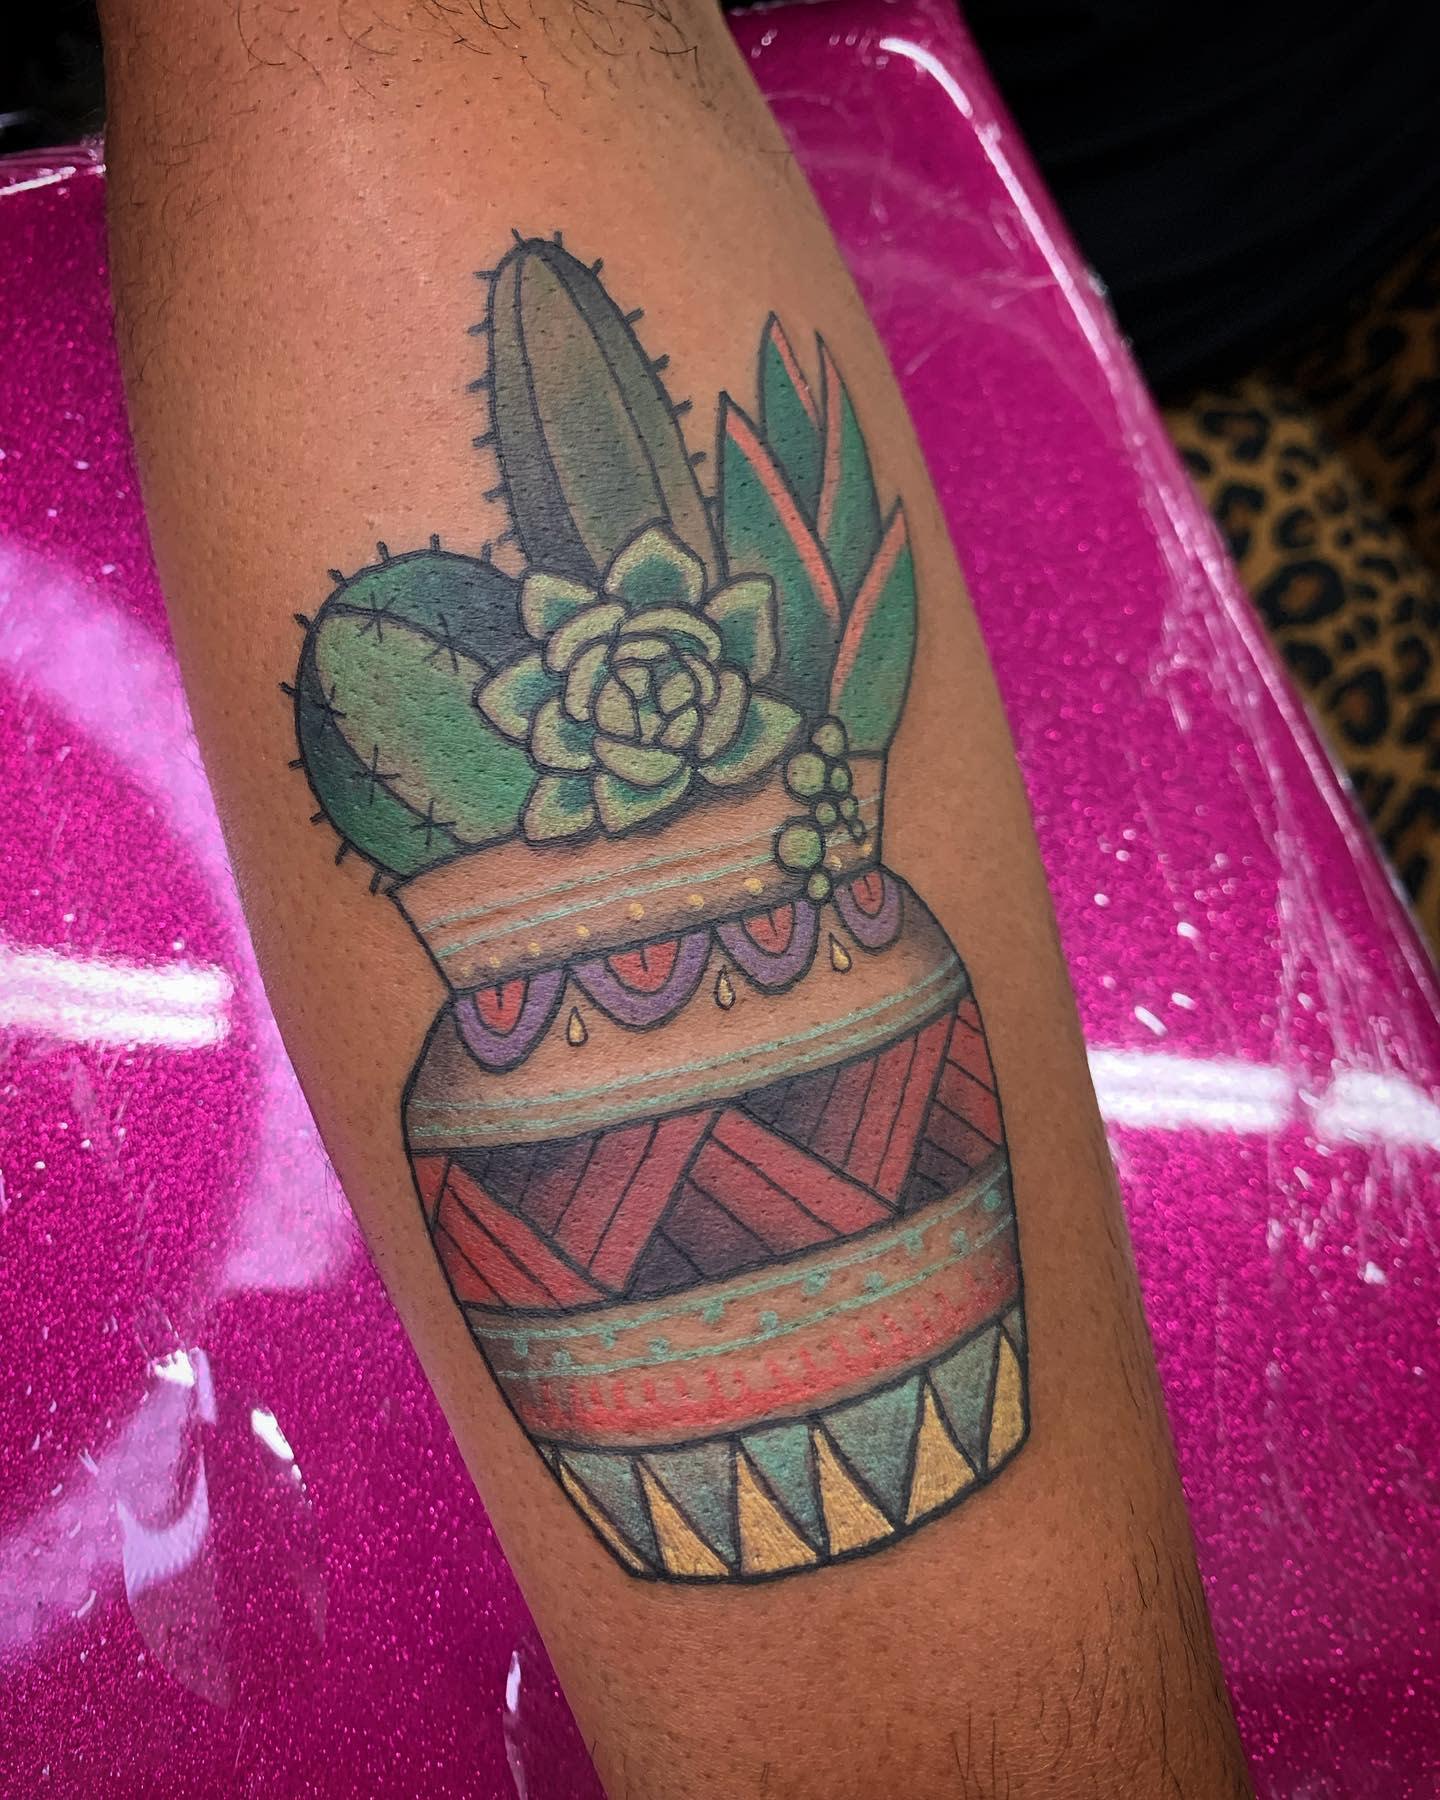 Traditional Succulent Tattoo -strangeworksjb